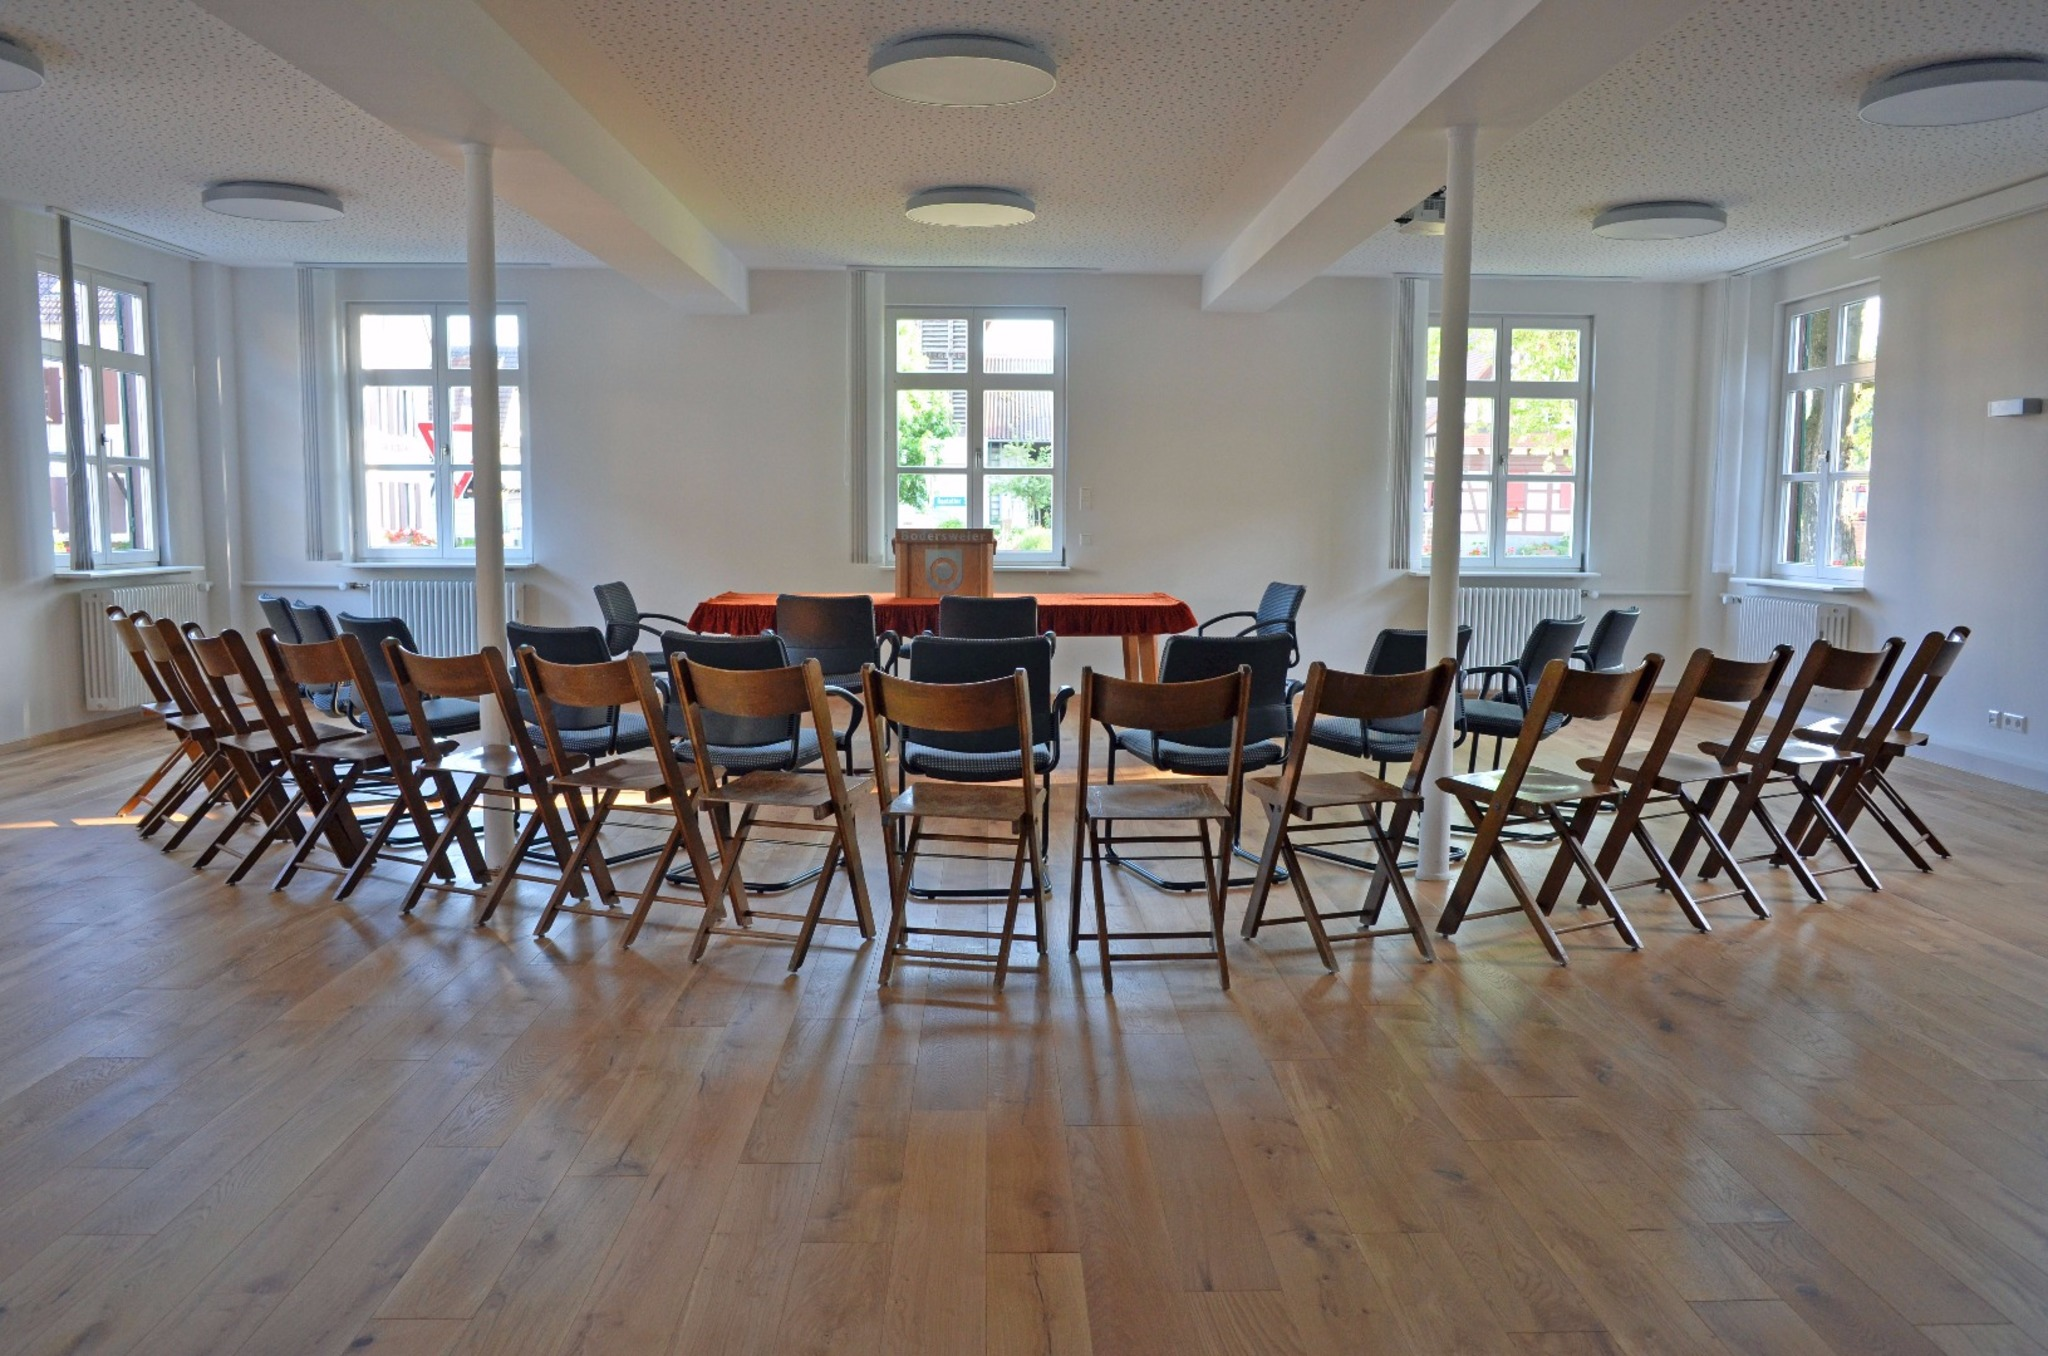 kosten f r neue technik und sanierung liegen bei euro b rgersaal bodersweier ist jetzt. Black Bedroom Furniture Sets. Home Design Ideas